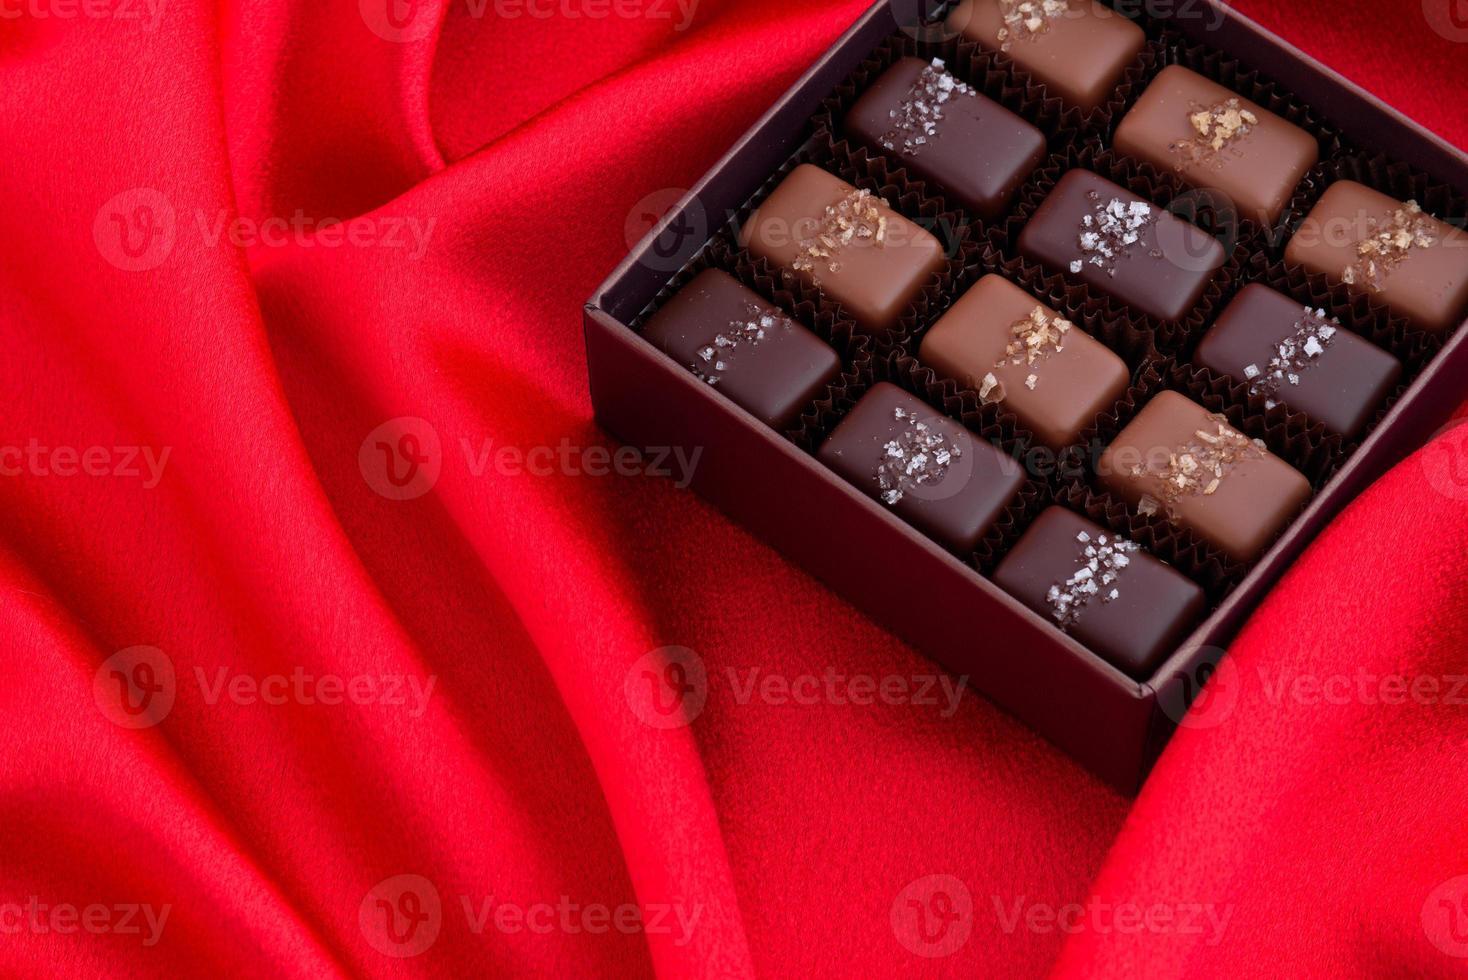 cioccolato per occasioni speciali foto